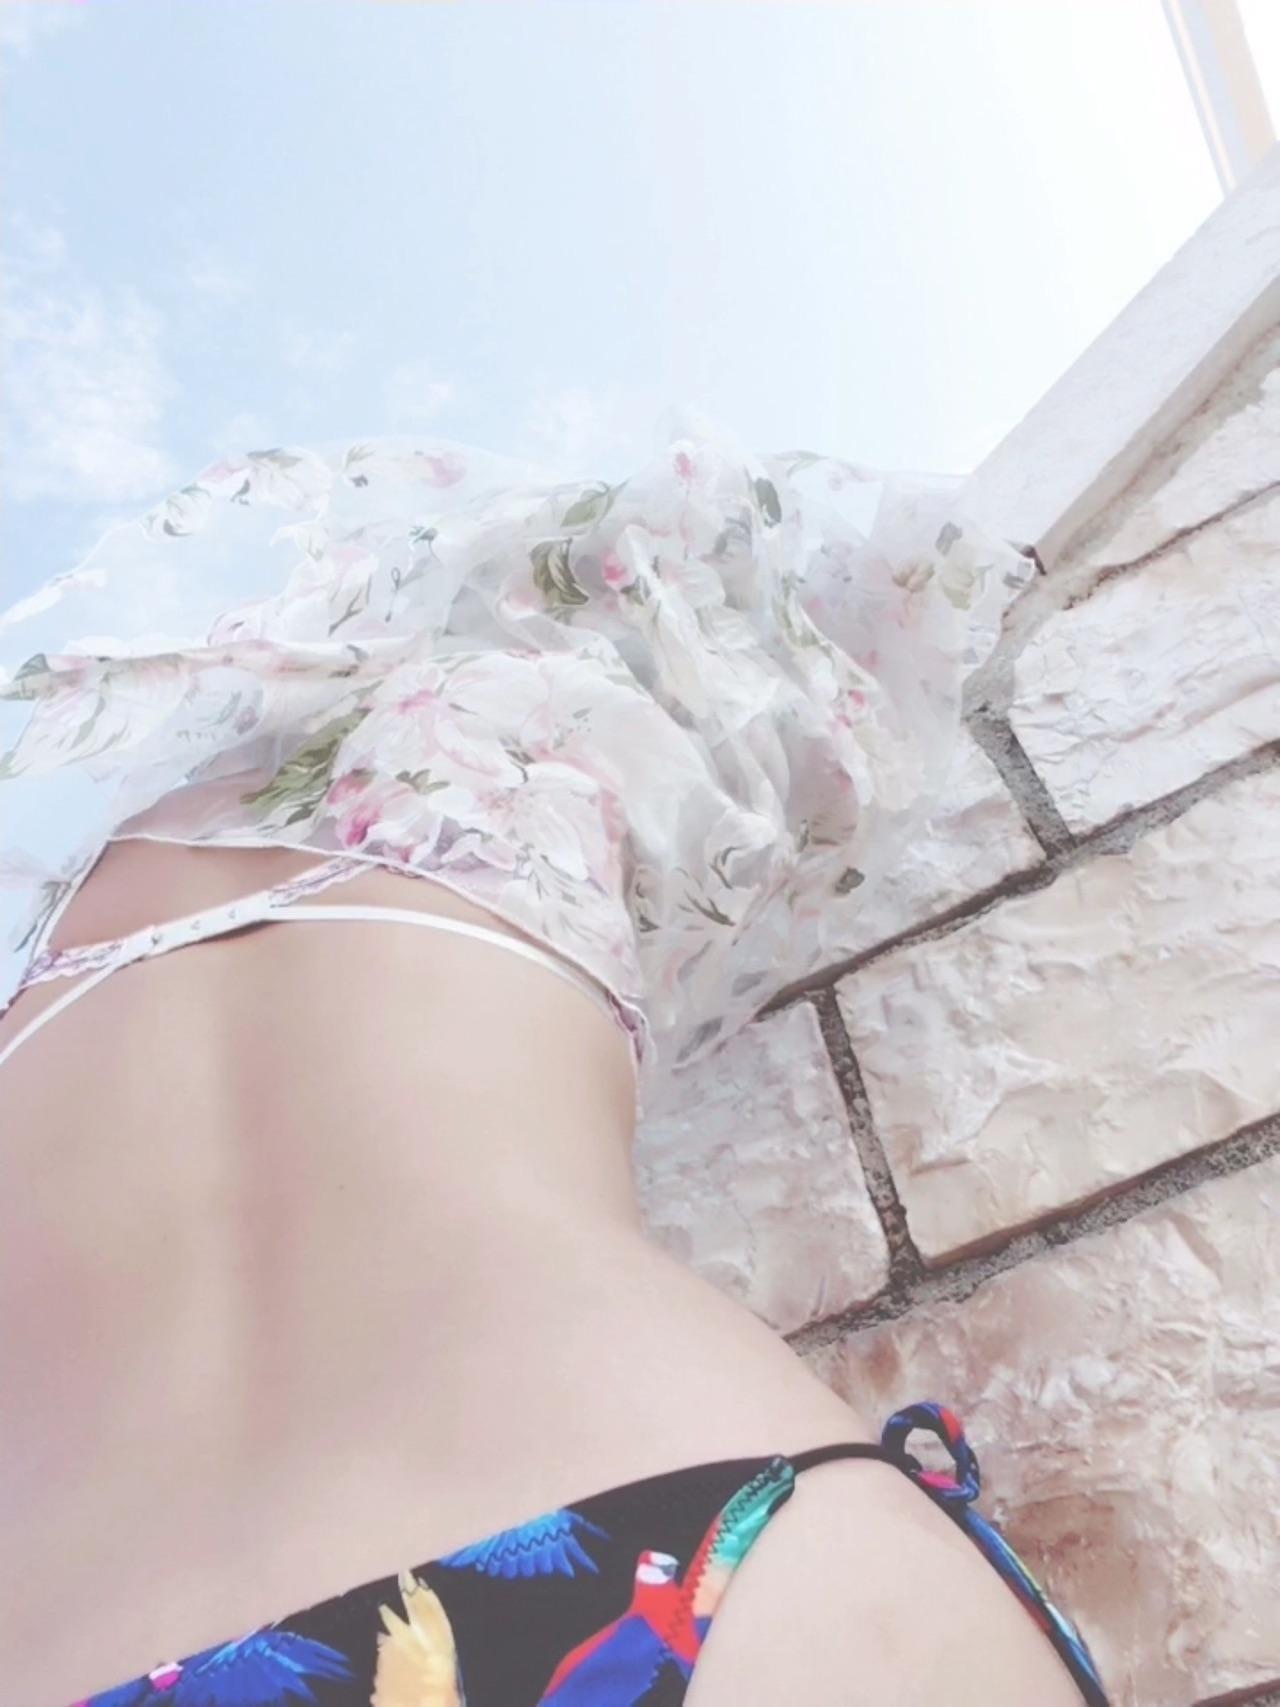 かおり「アカンゎあぁー」12/10(火) 00:44   かおりの写メ・風俗動画